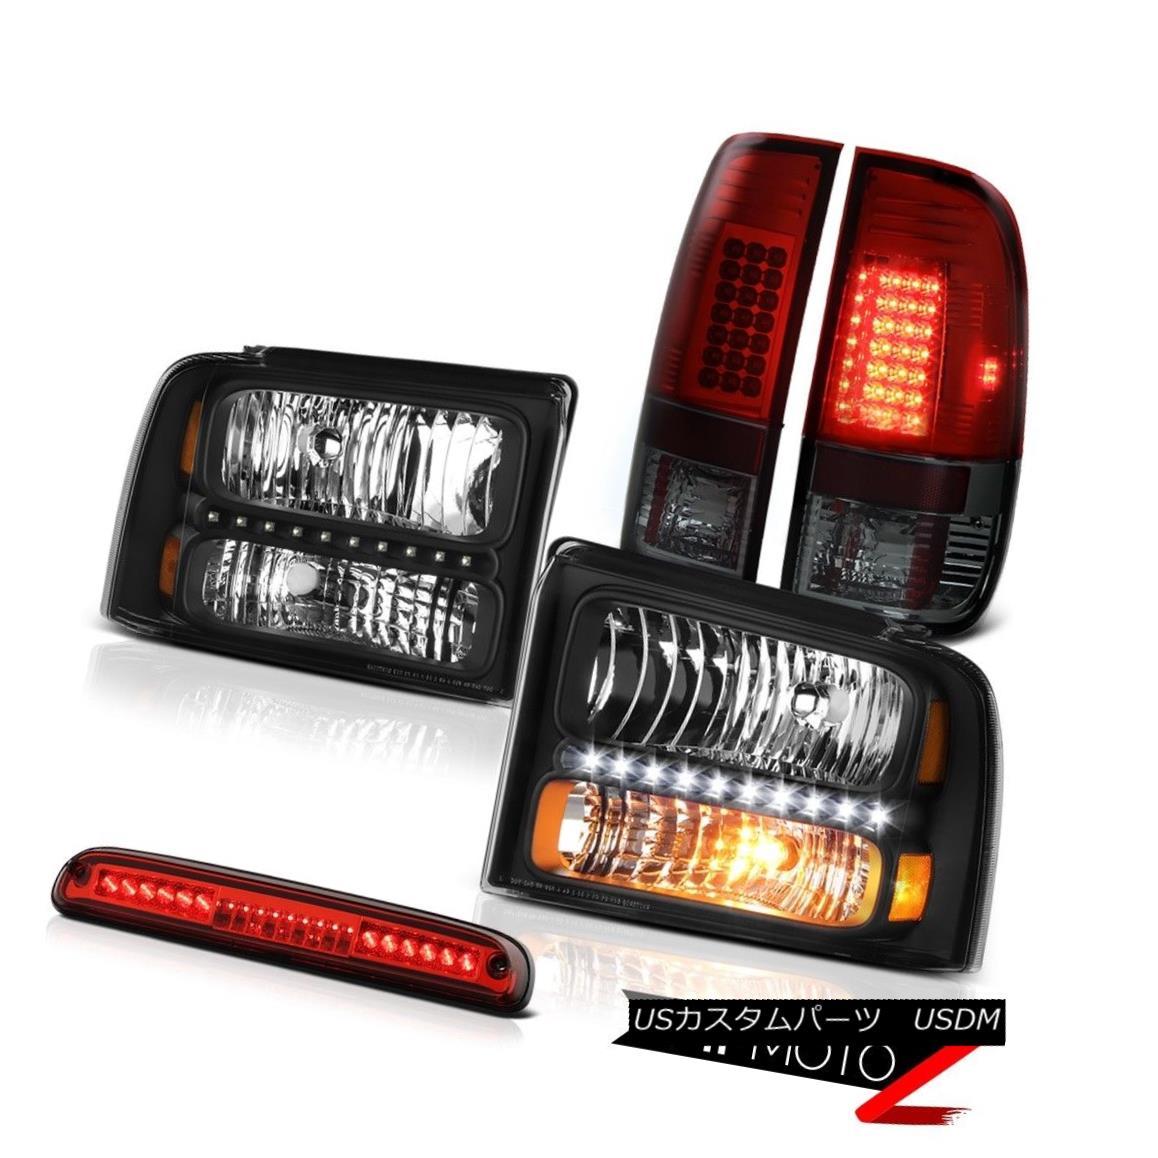 ヘッドライト 05-07 F250 6.8L Inky Black Headlights Cherry Red Taillights Wine Third Brake LED 05-07 F250 6.8L Inky Blackヘッドライトチェリーレッドティアレーズワイン第3ブレーキLED